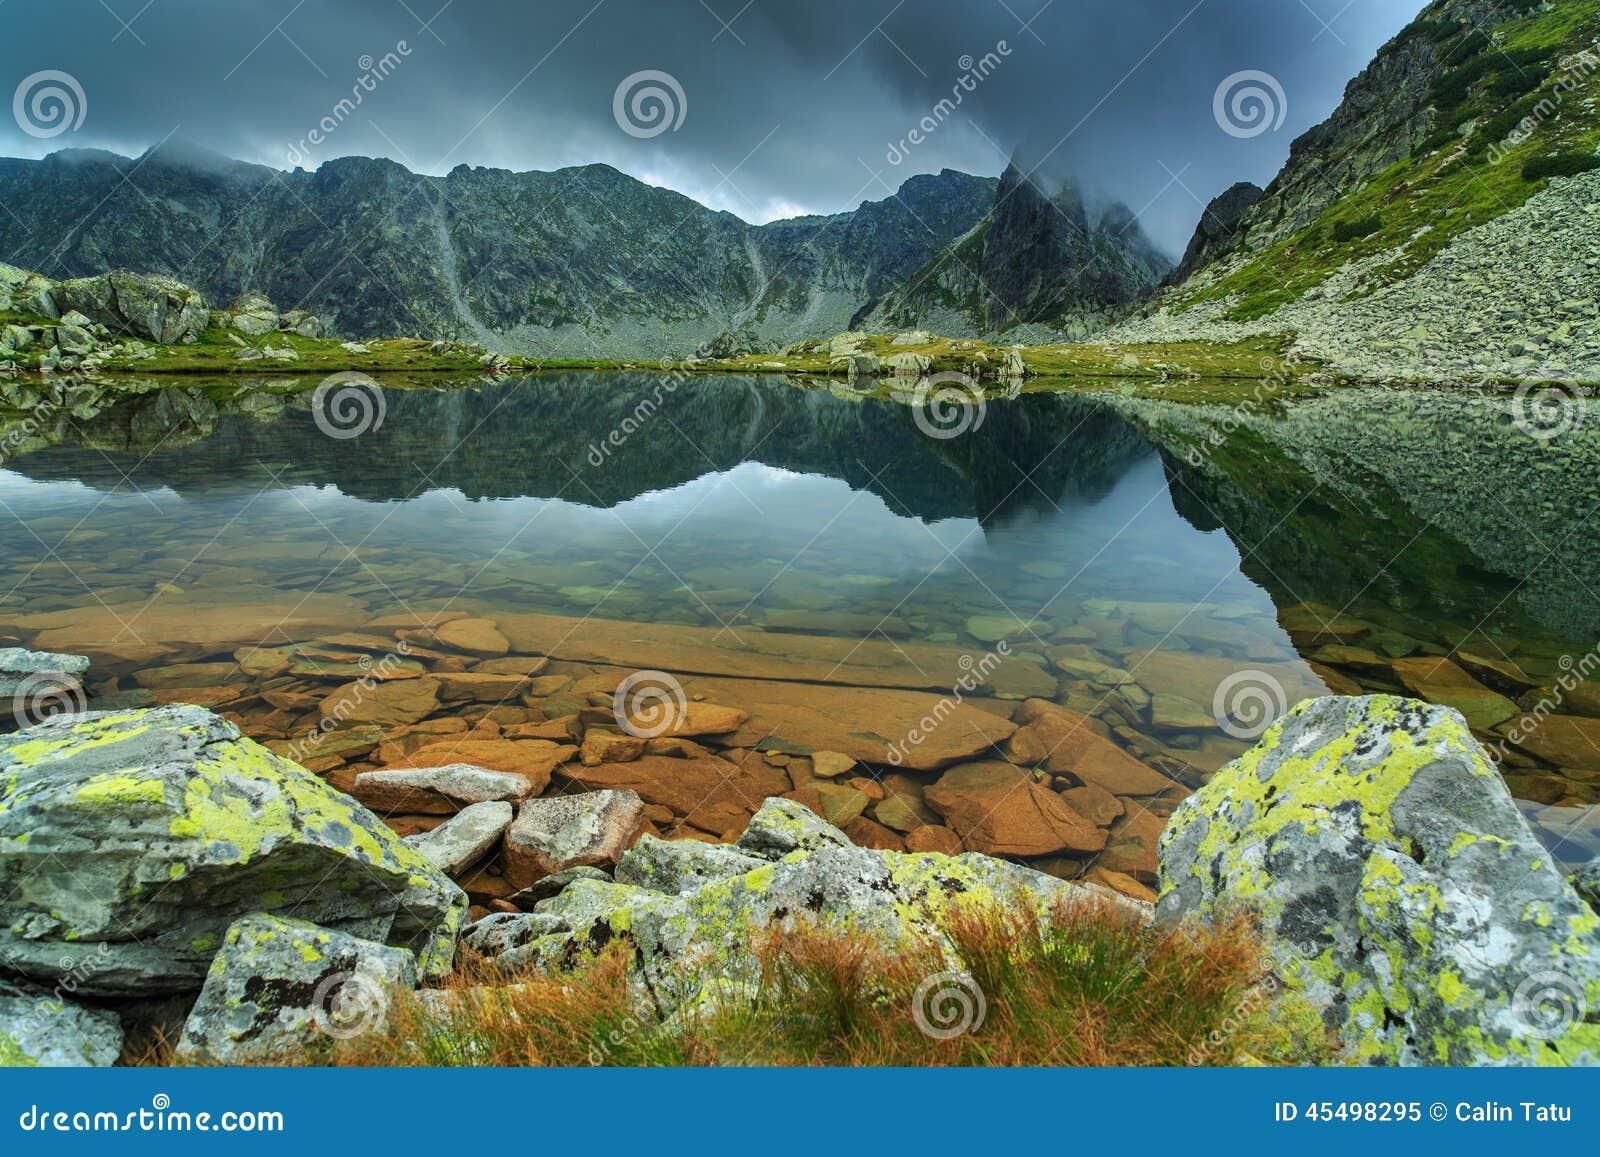 阿尔卑斯和暴风云的原始冰川湖